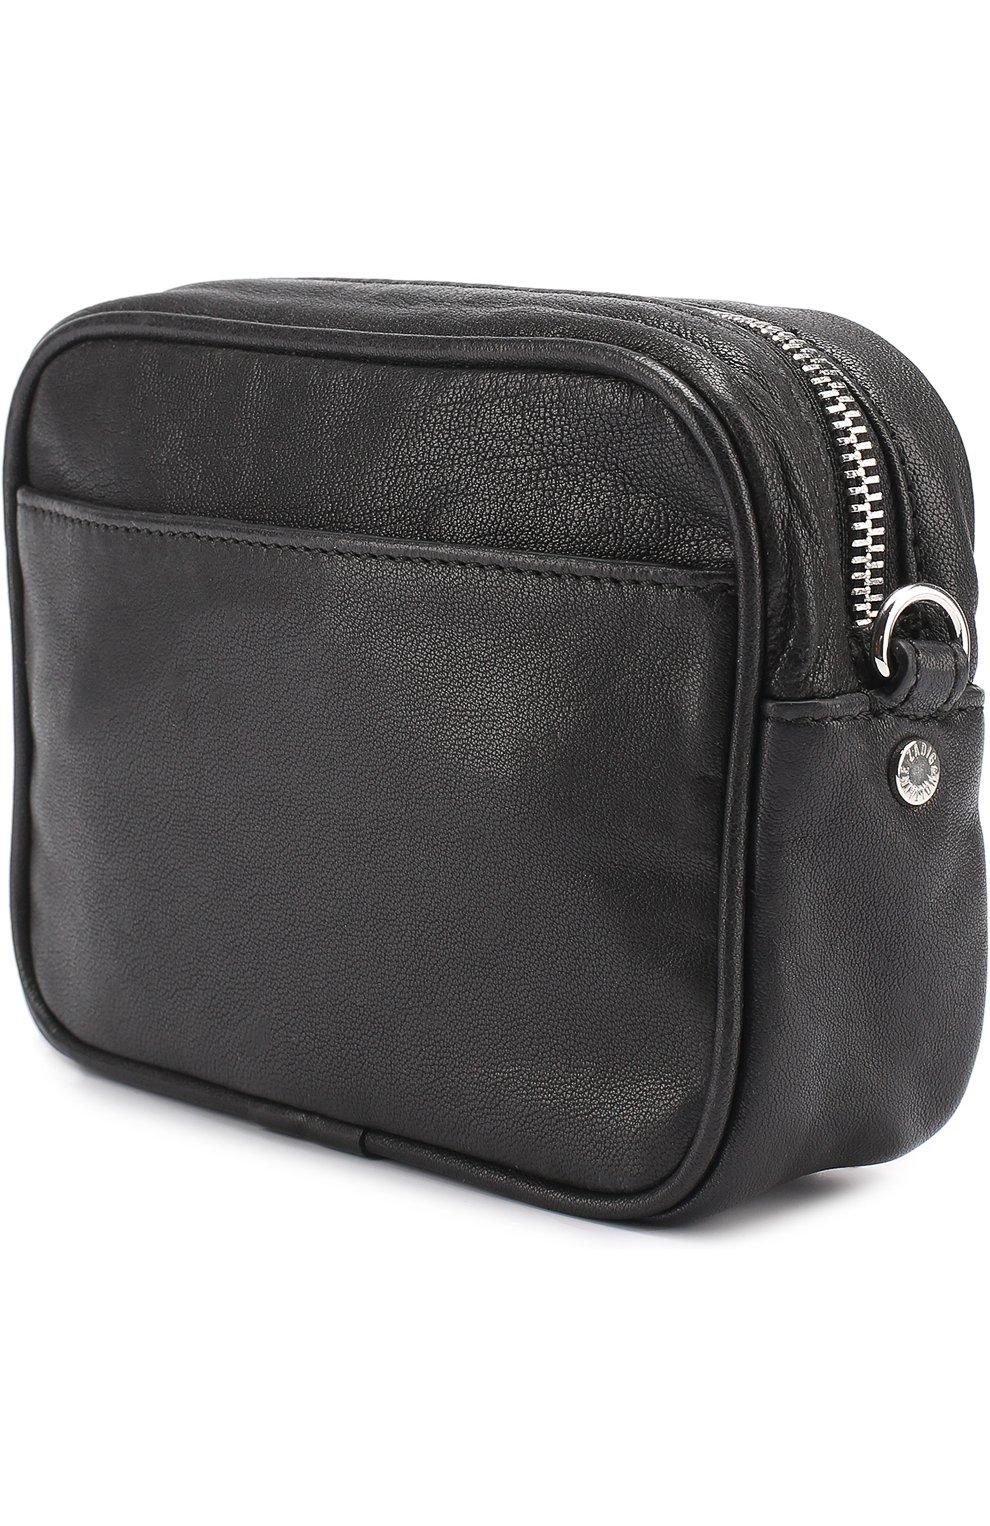 Женская сумка xs boxy boho с заклепками ZADIG VOLTAIRE черная цвета ... 2d3b48c1d7406